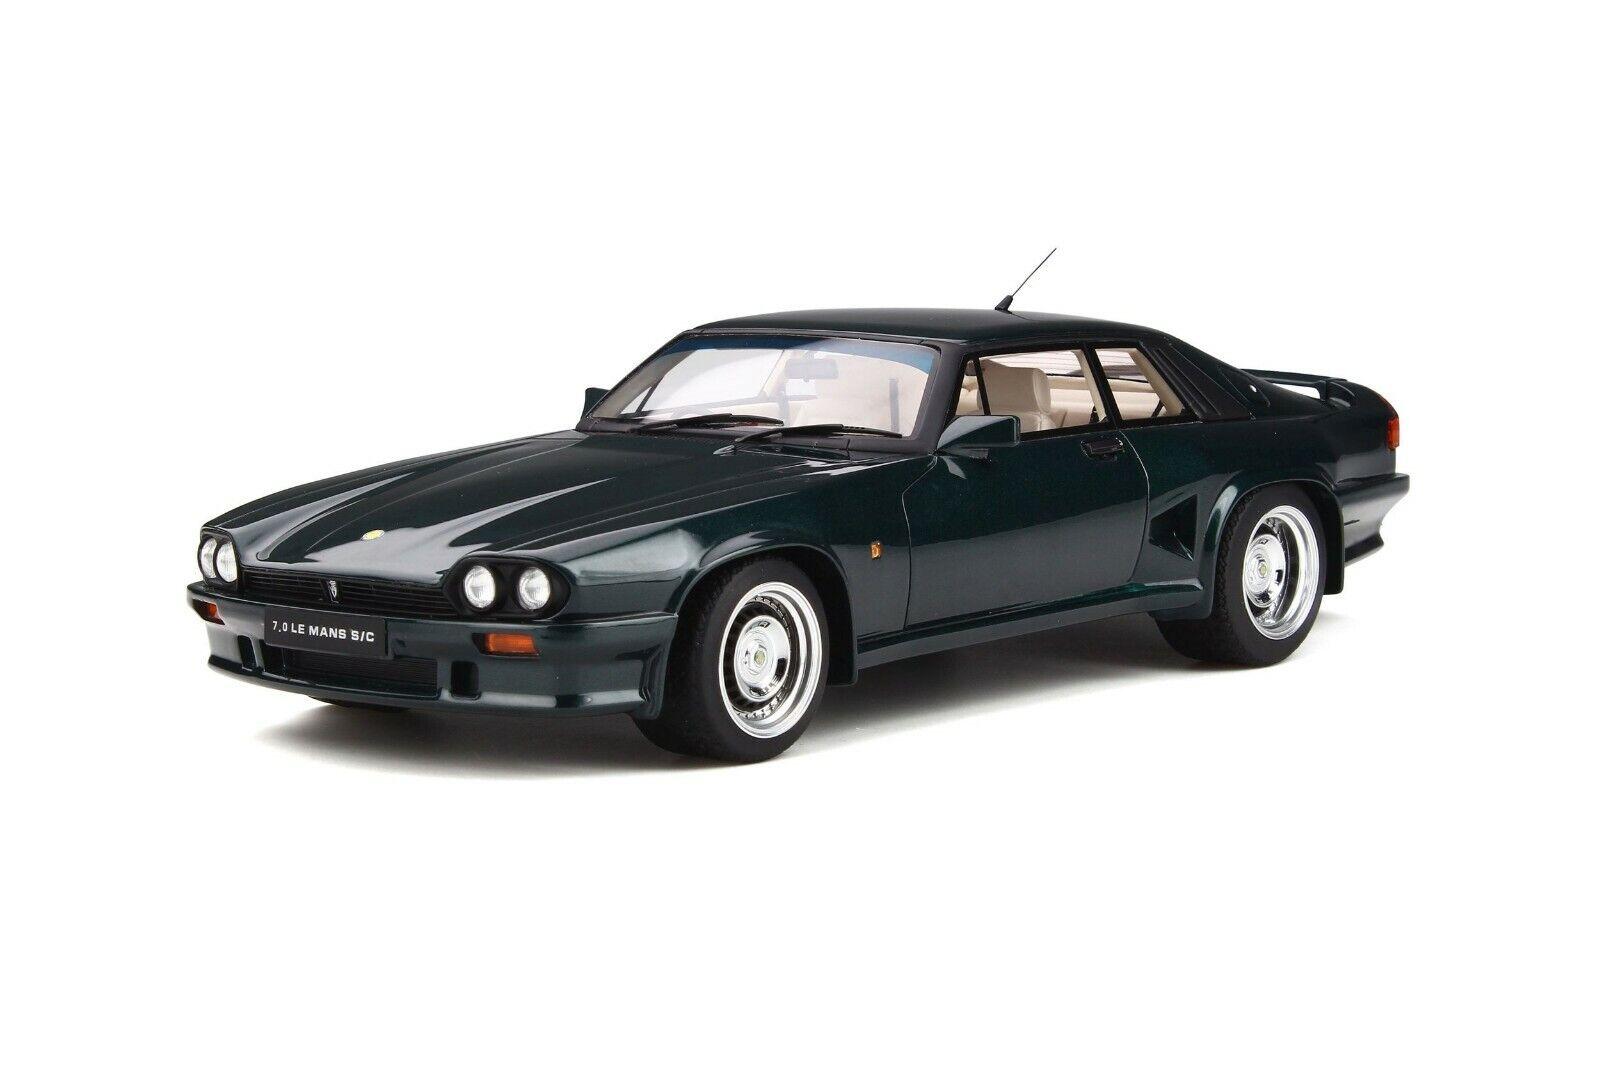 Jaguar Lister Coupe 7.0 s c v12 British racing verde 1991 GT Spirit resin 1 18